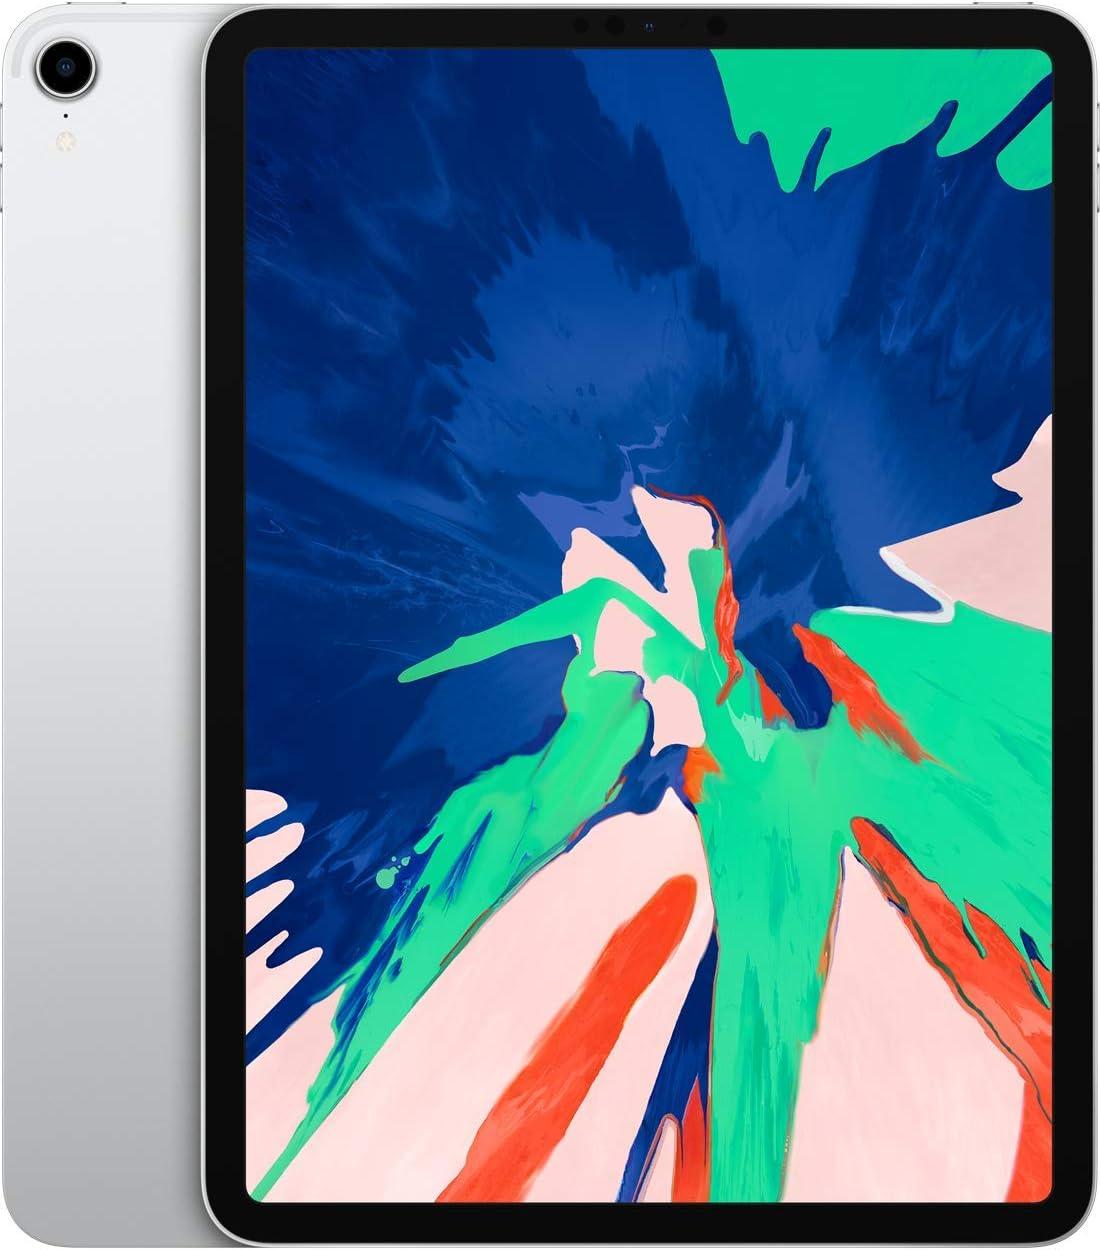 Apple iPad Pro (11-inch, Wi-Fi, 64GB) - Silver (1st Generation)